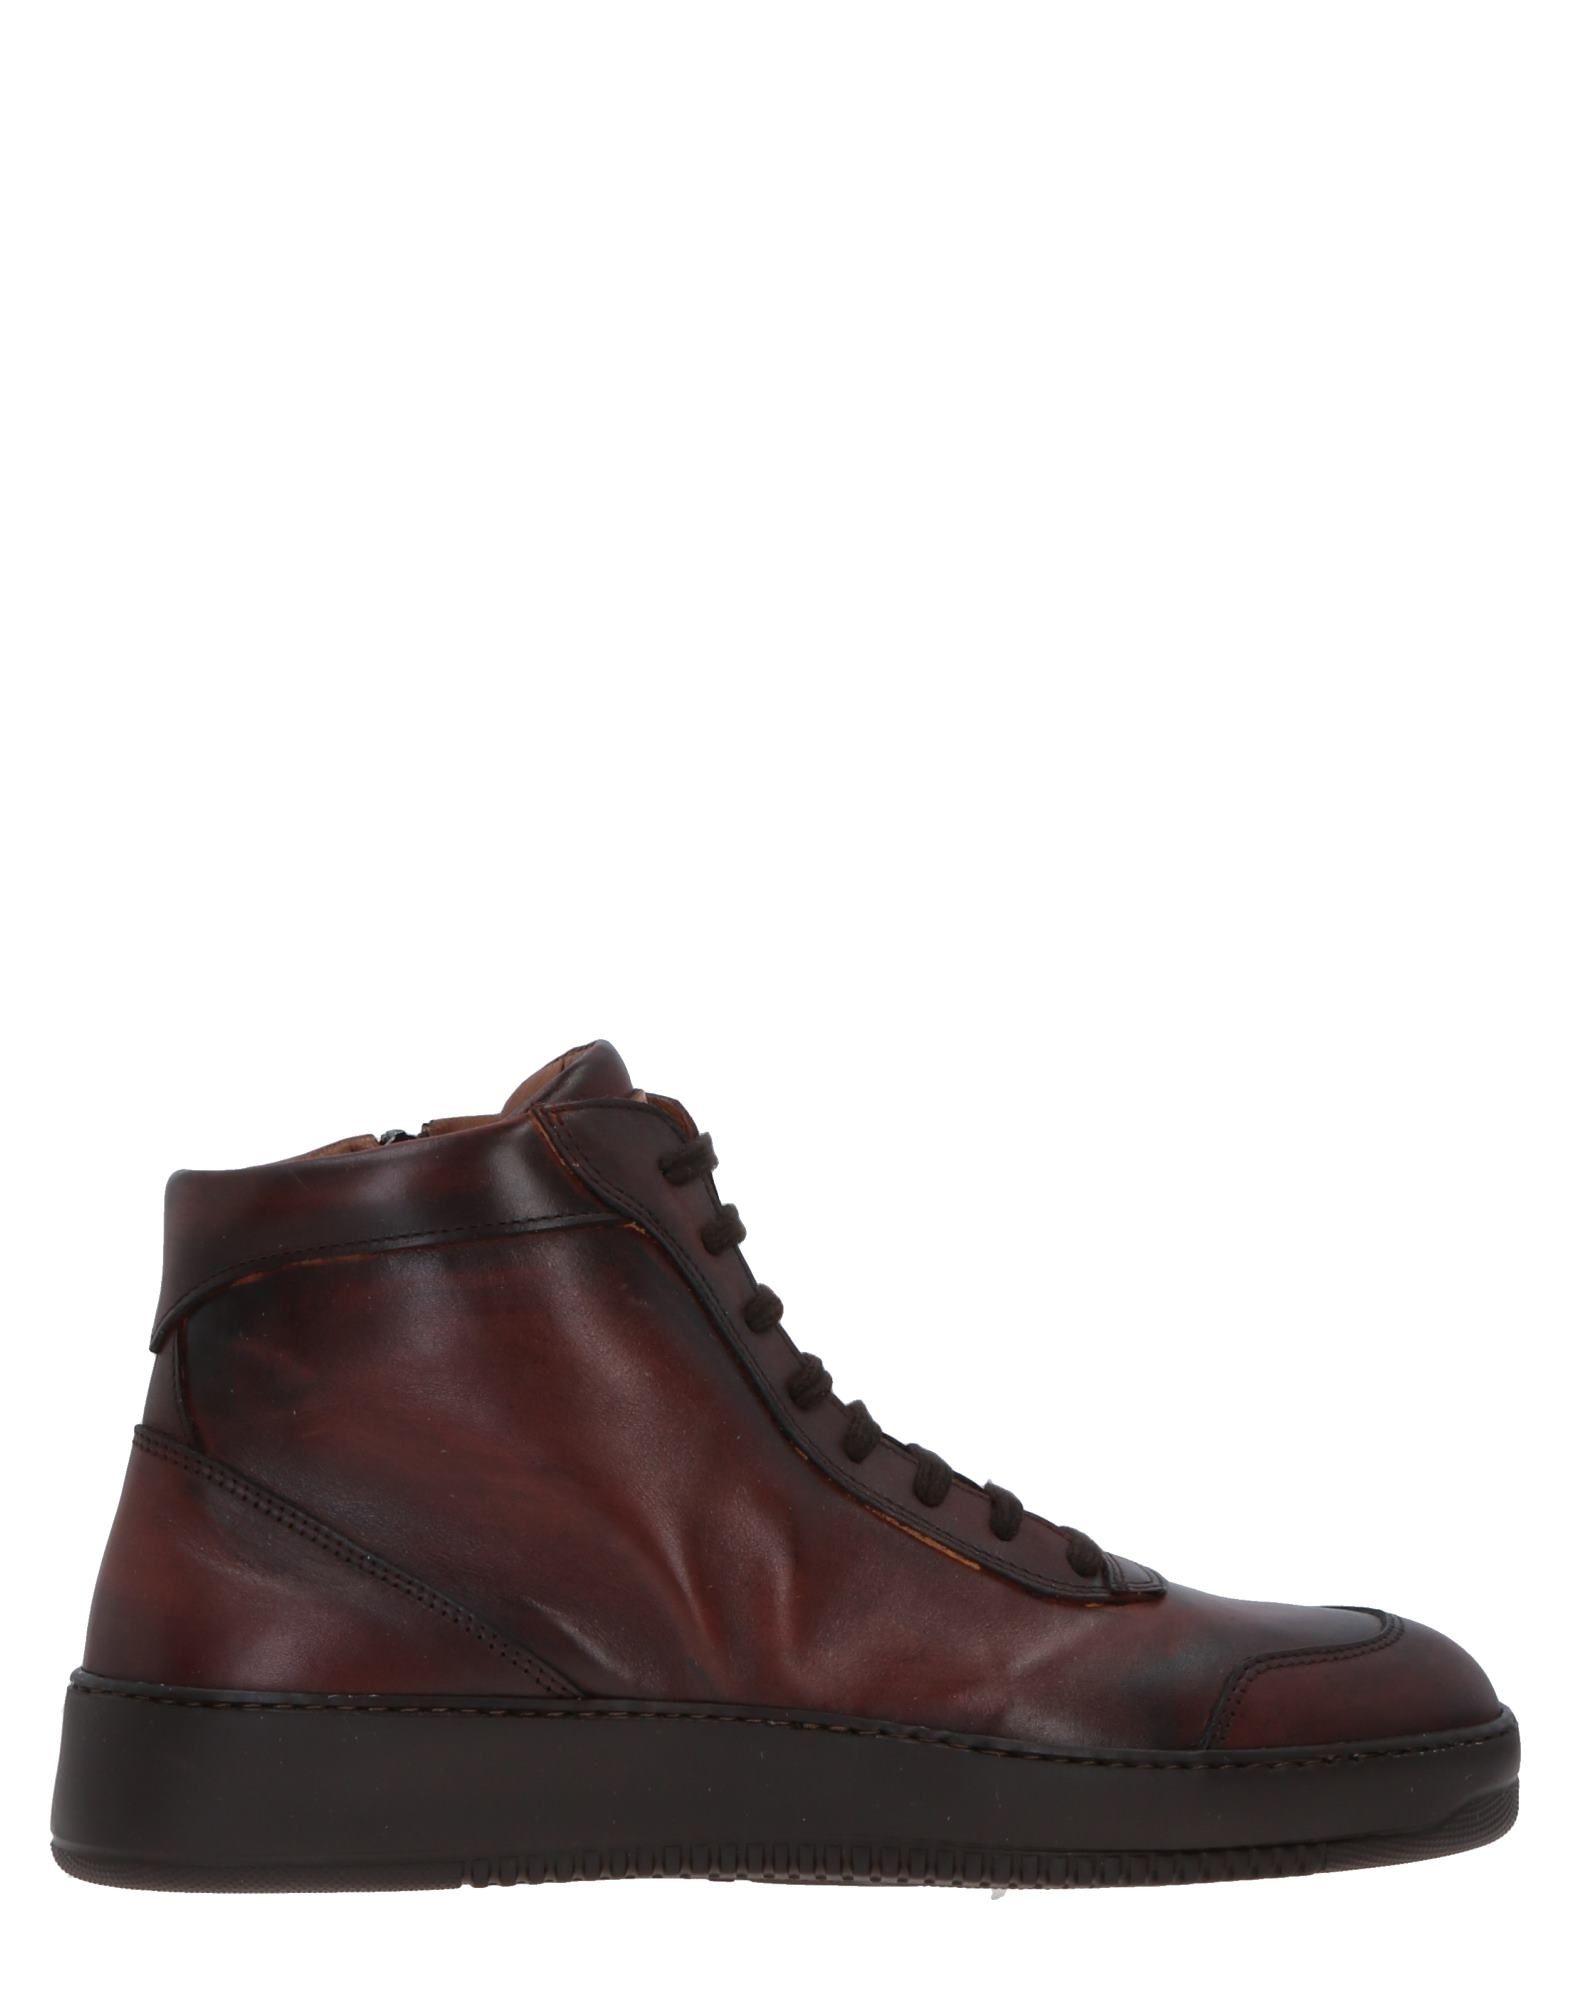 Roberto Botticelli Stiefelette Herren  11515749QT Gute Qualität beliebte Schuhe